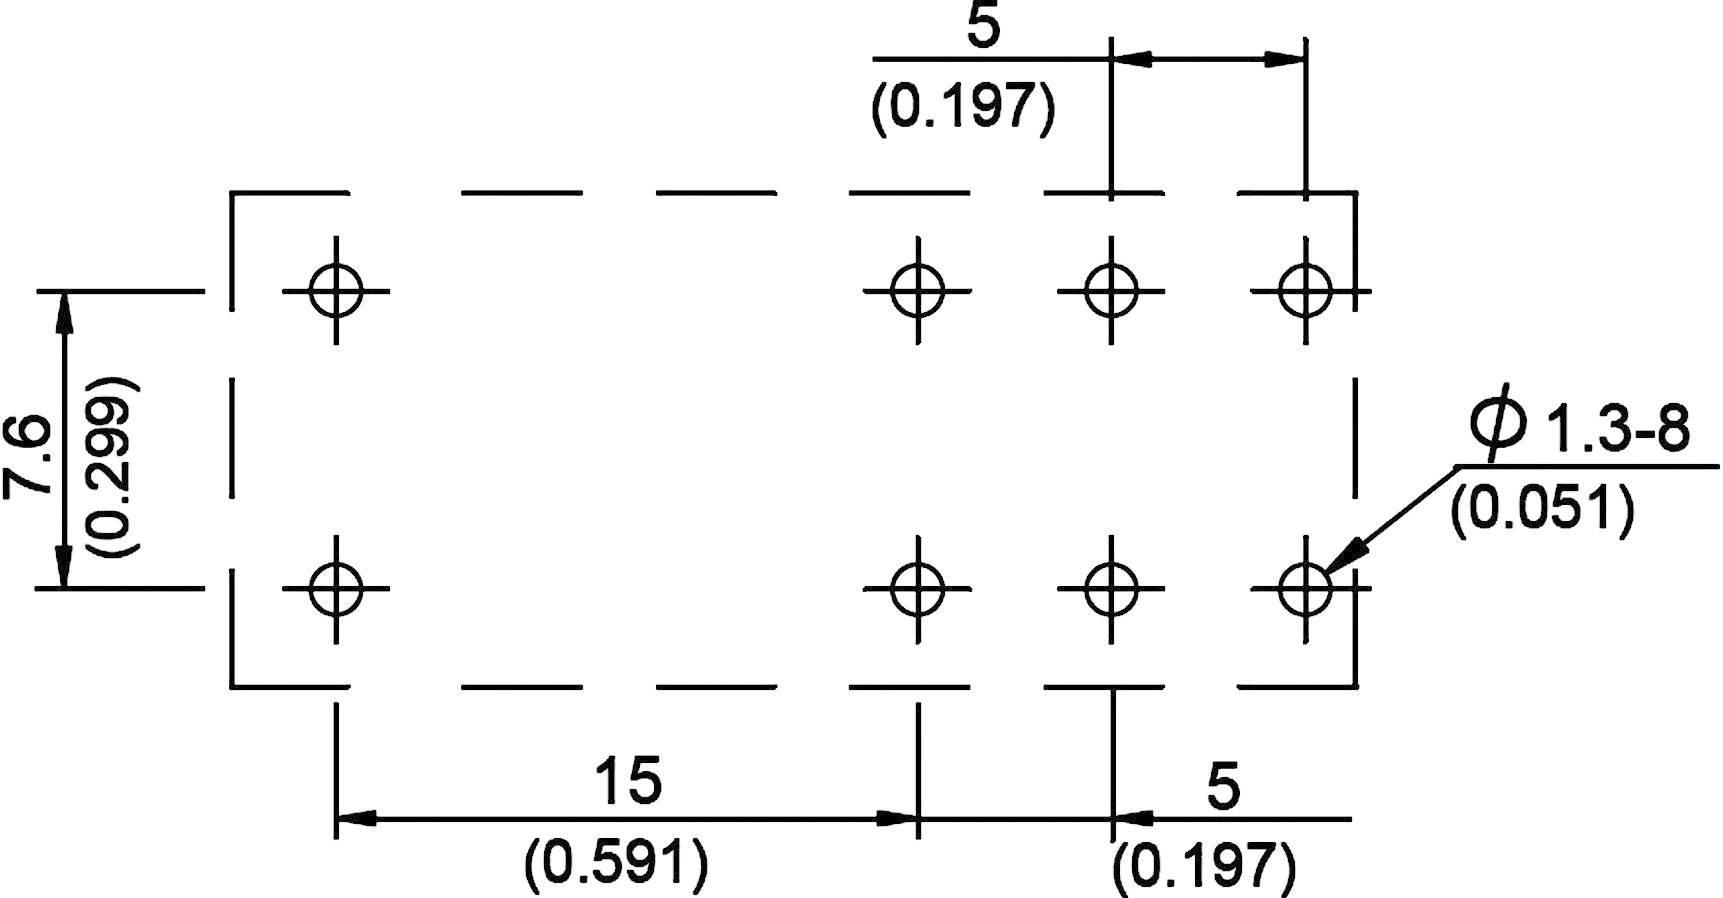 Zátěžové relé série 888 Song Chuan 888N-2CCFCE 12, 888N-2CCFCE 12, 400 mW, 12 A, 440 V/AC 3000 VA